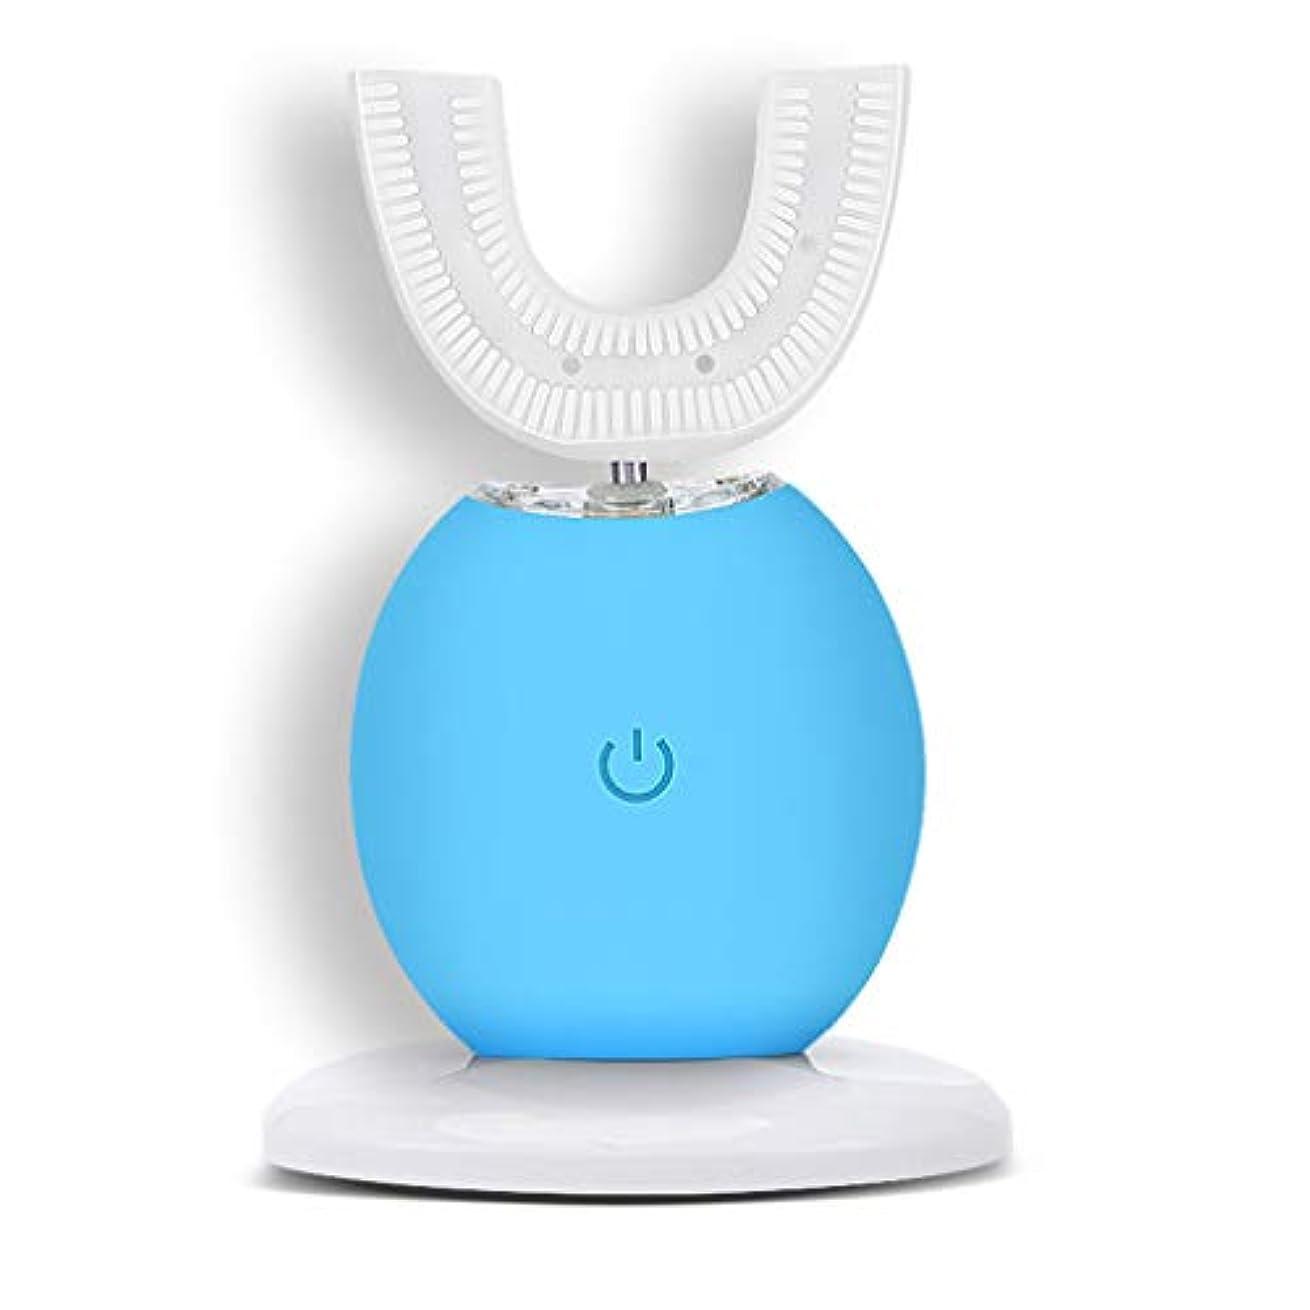 千言語けがをする自動電動歯ブラシインテリジェント超音波ホワイトニング防水カップルブレース怠惰なブラッシングアーティファクト (色 : 青)